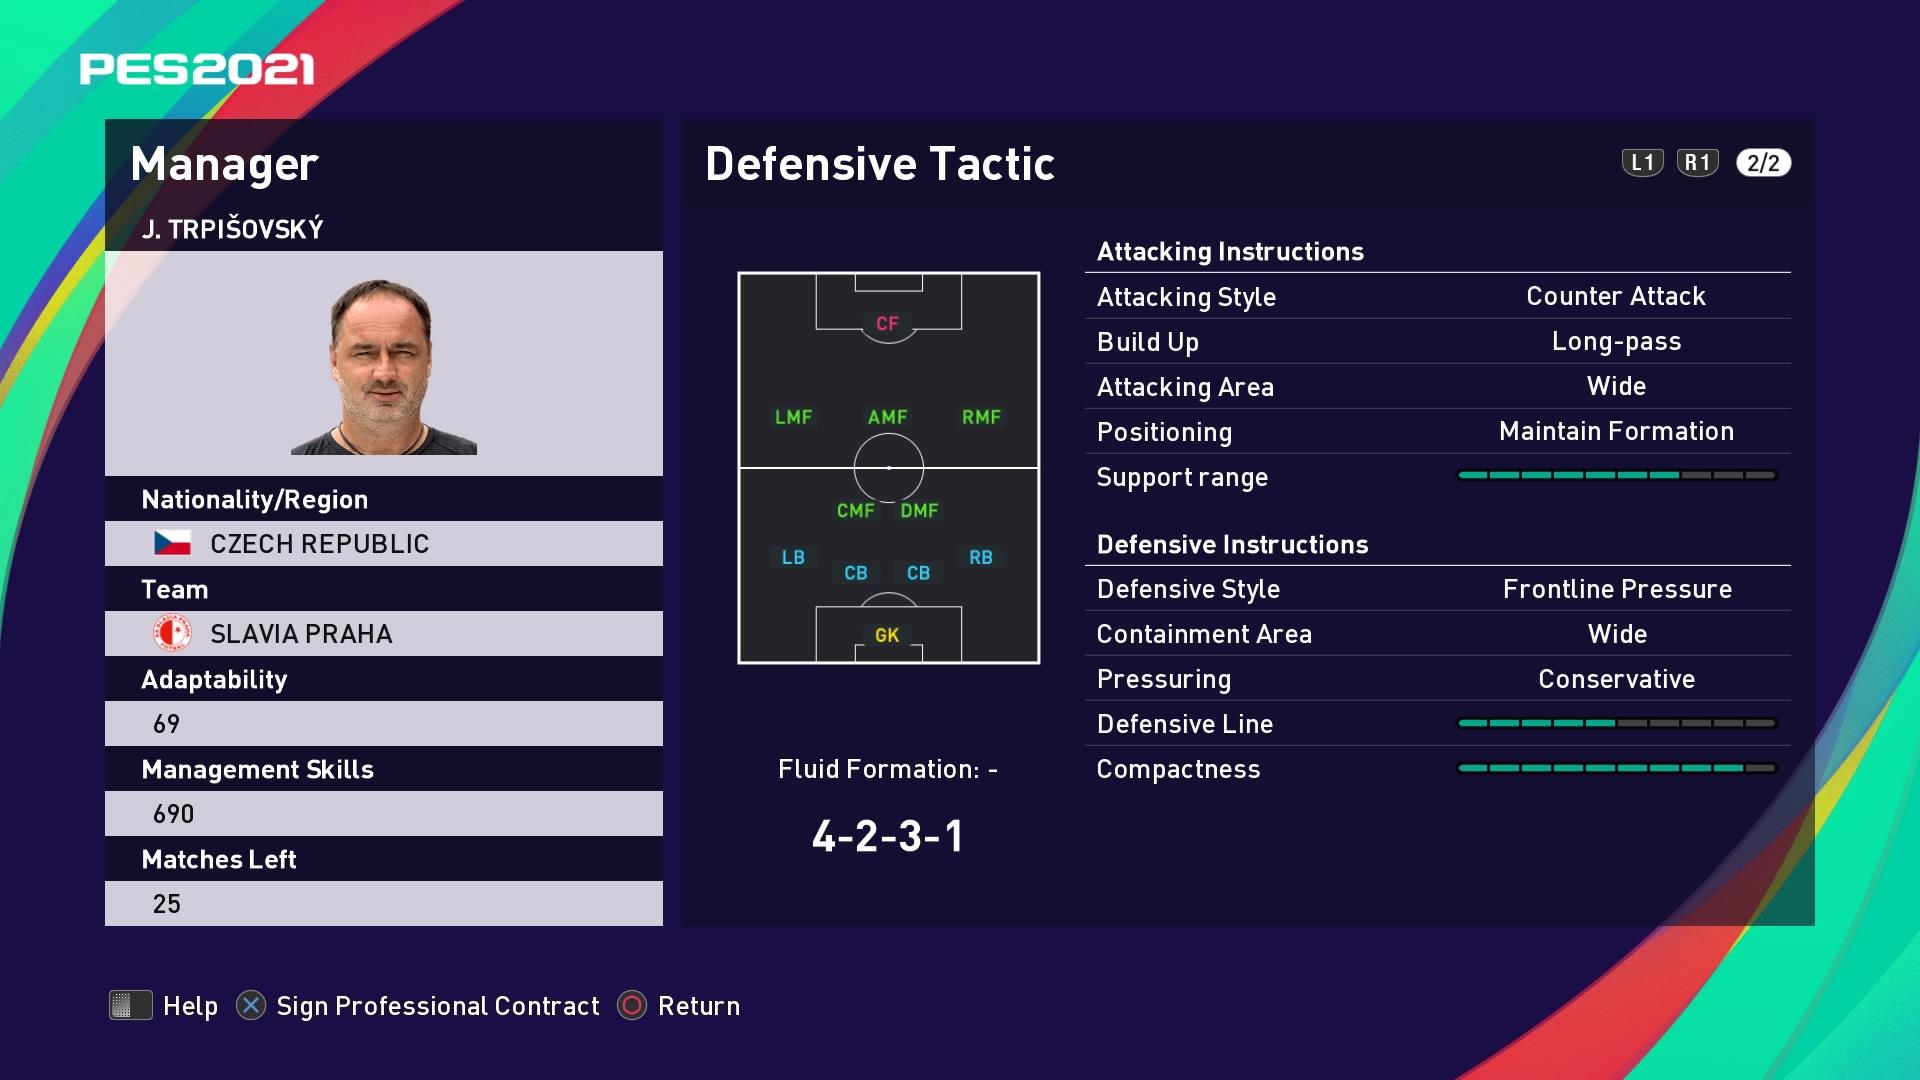 J. Trpišovský (Jindřich Tripišovský) Defensive Tactic in PES 2021 myClub